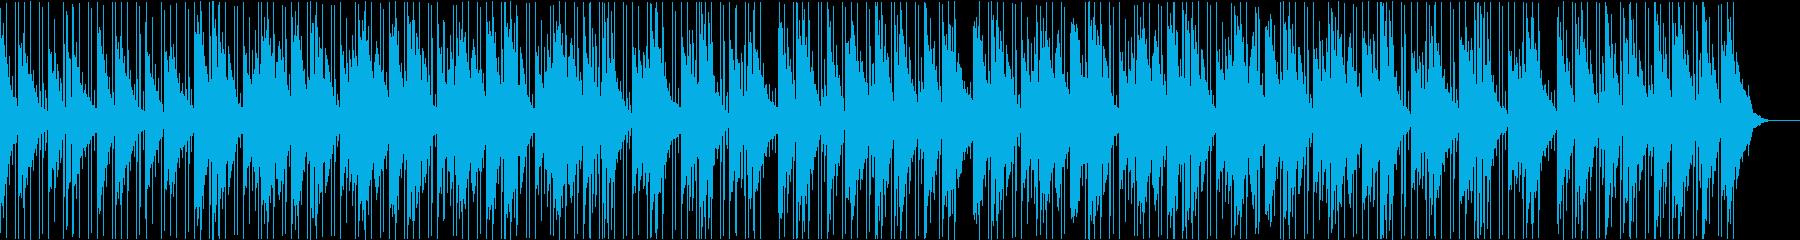 Lo-Fi エレピ おしゃれの再生済みの波形